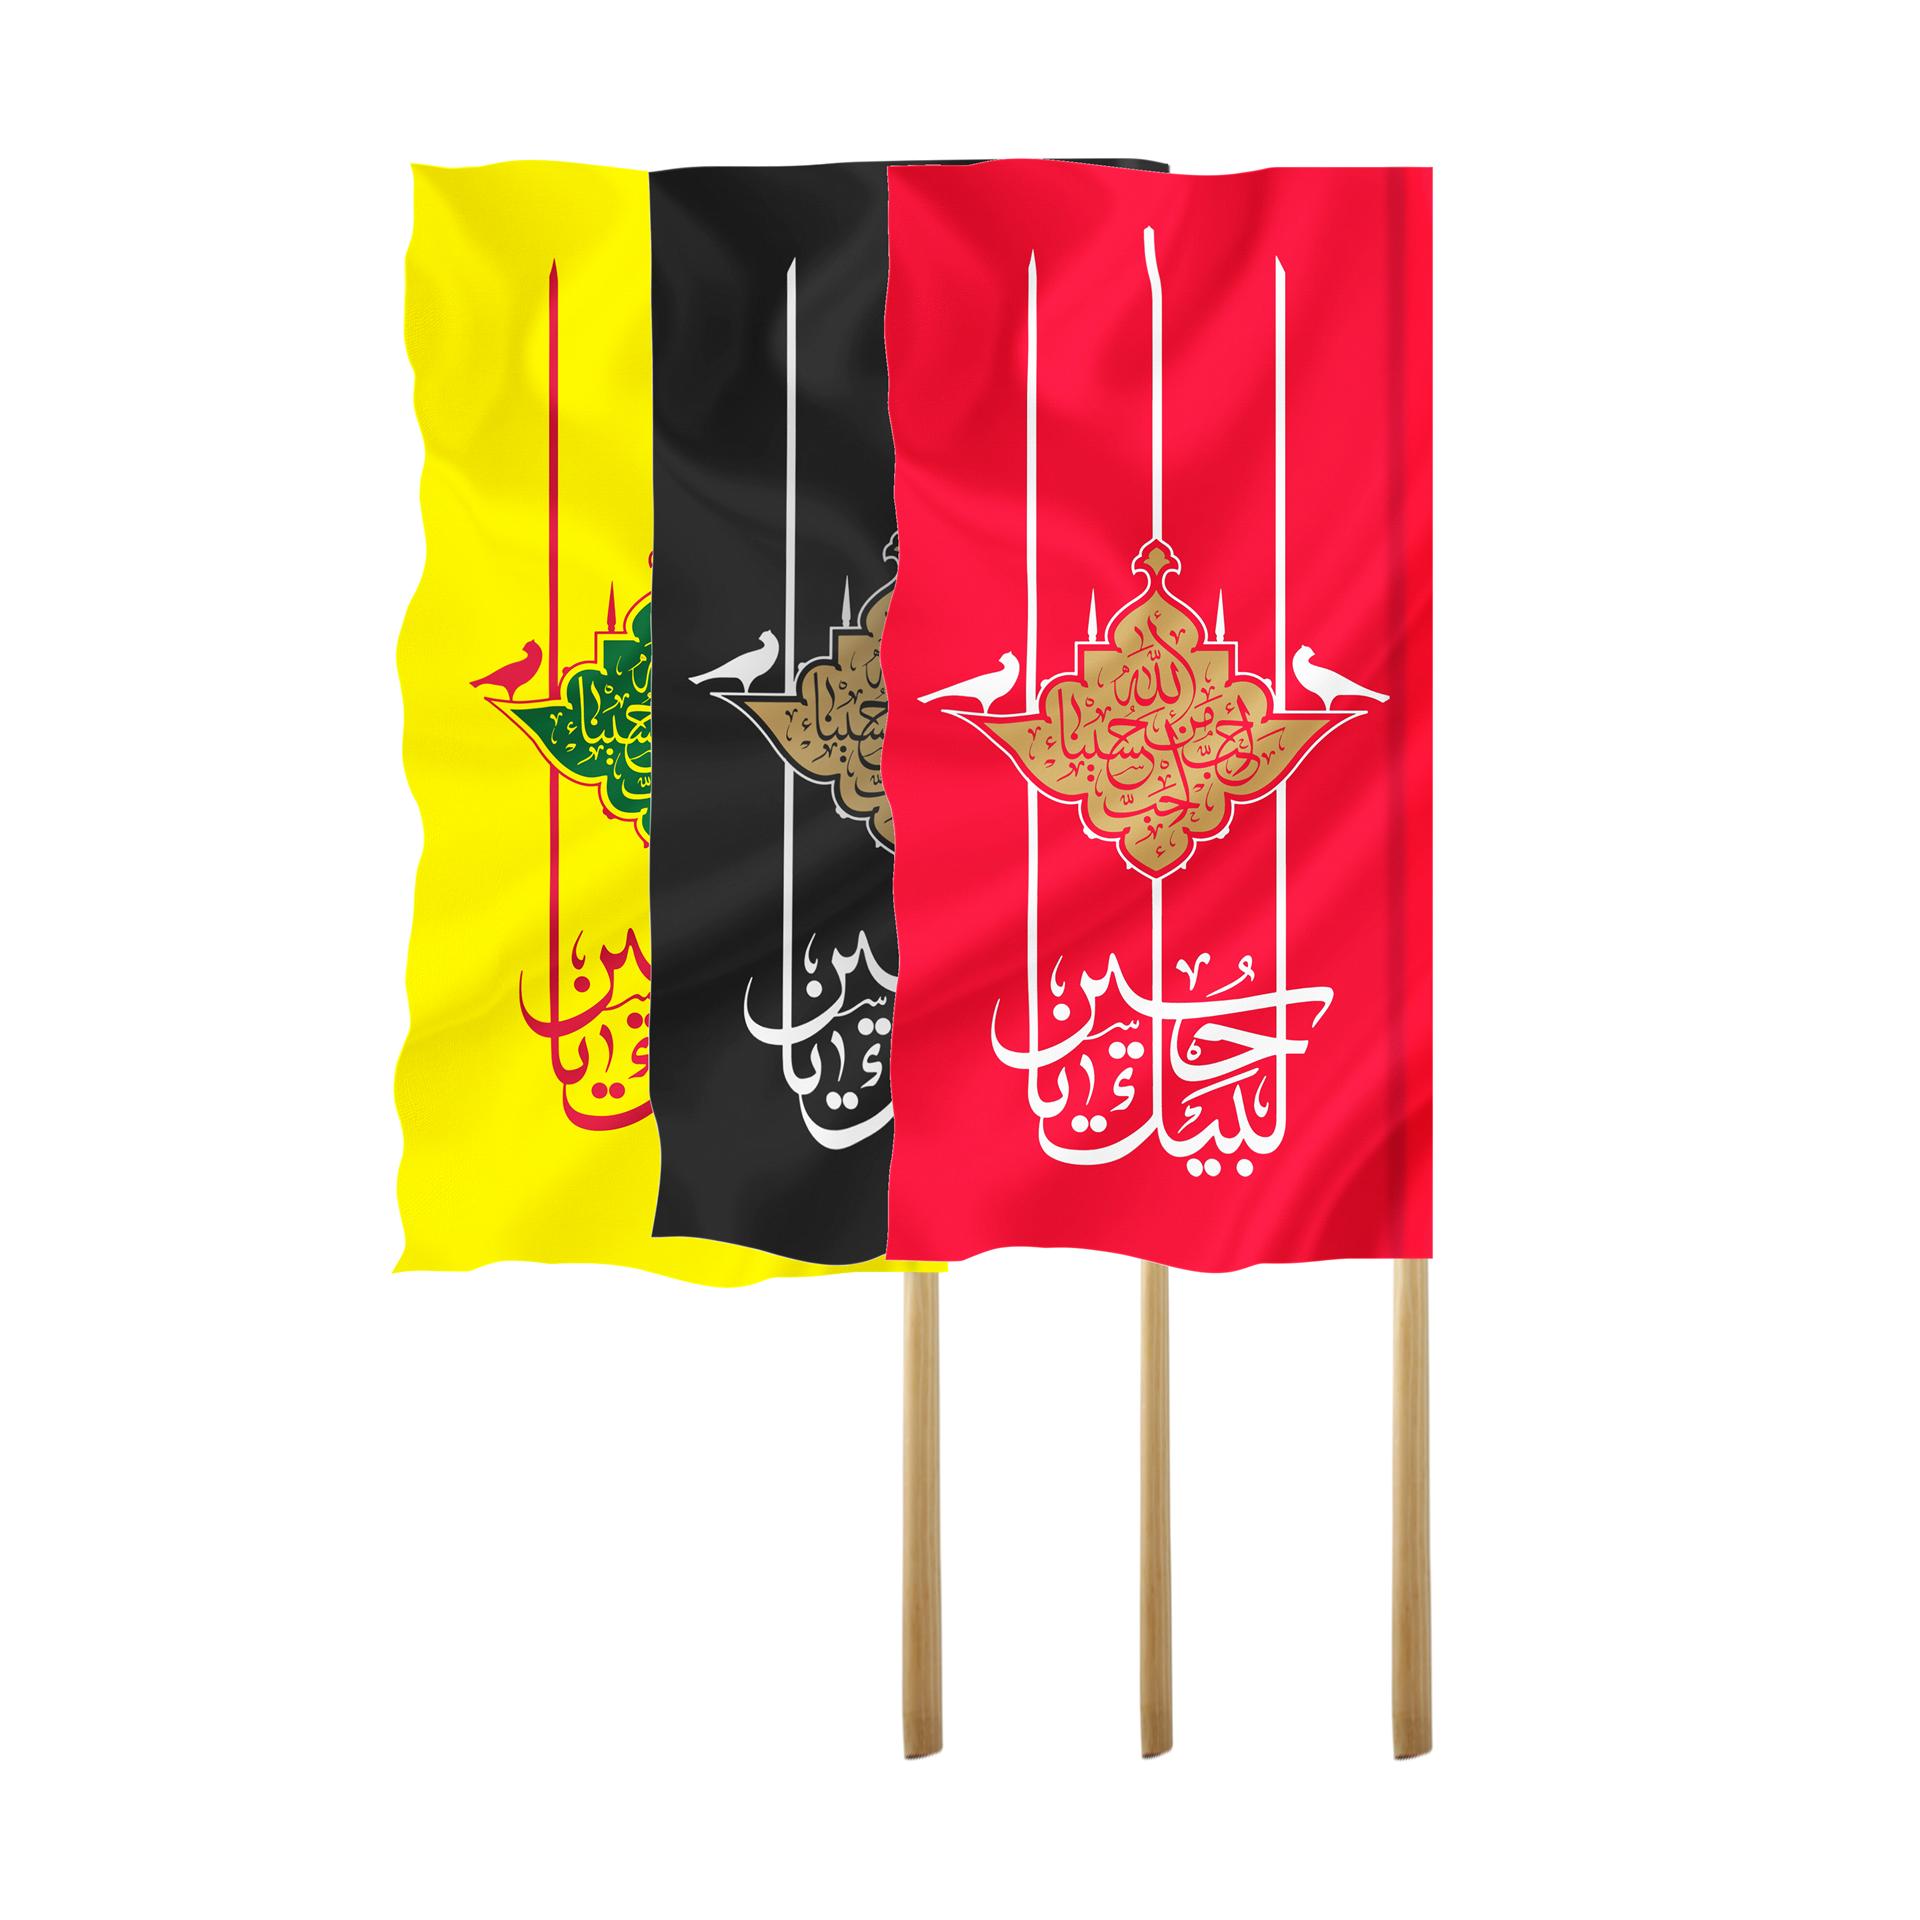 تصویر از پرچم طرح «لبیک یا حسین» ١٢٠ × ١۵٠ سانتیمتر